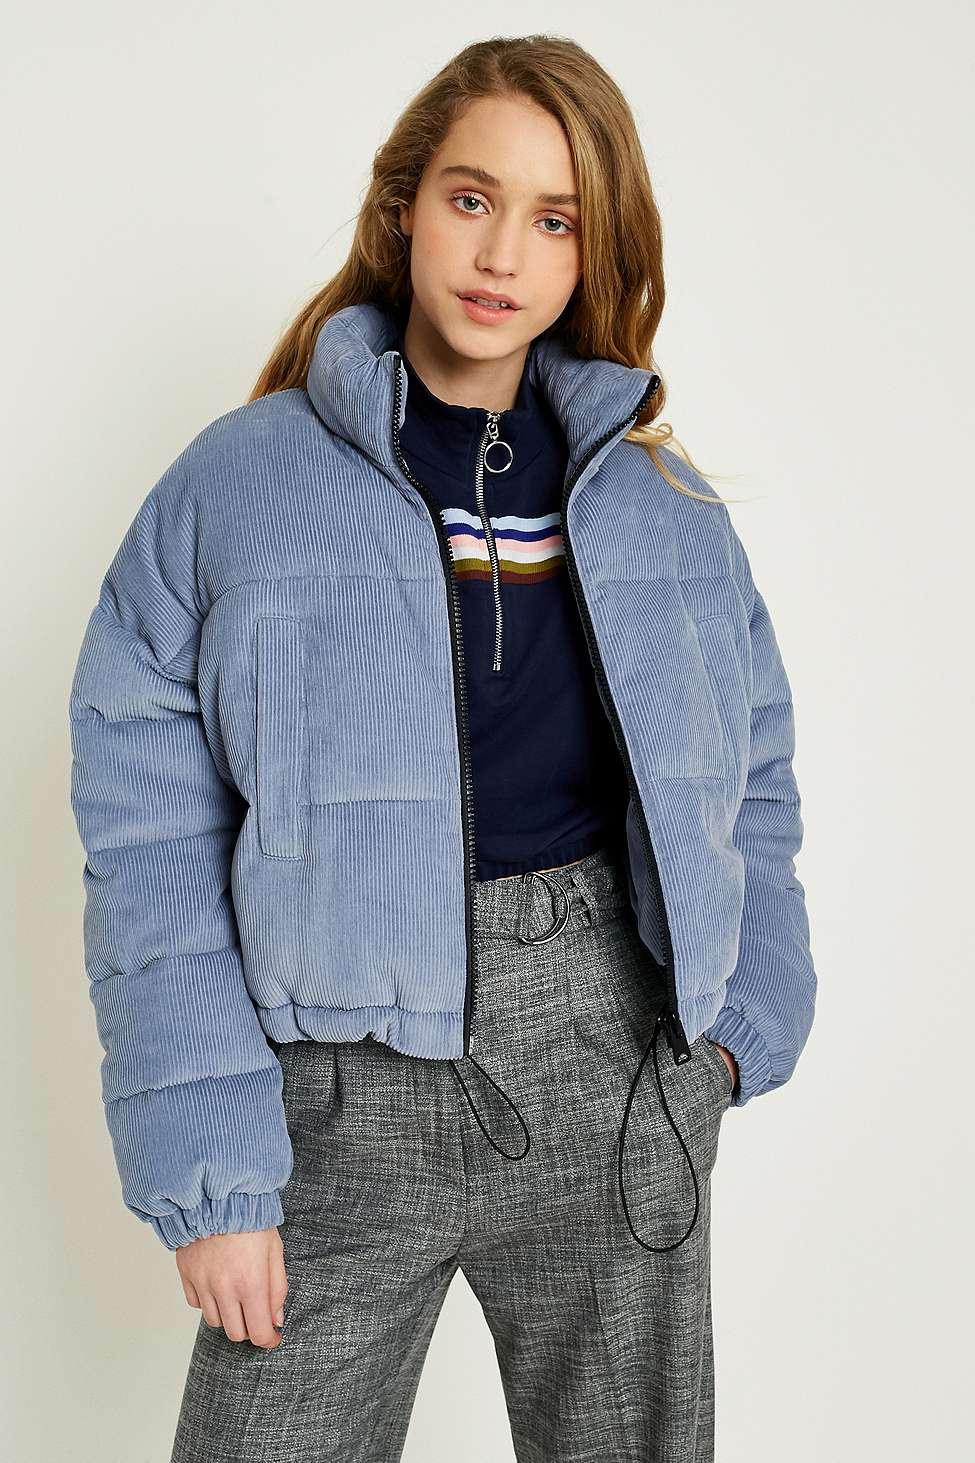 Celebrity Dressing Buzz